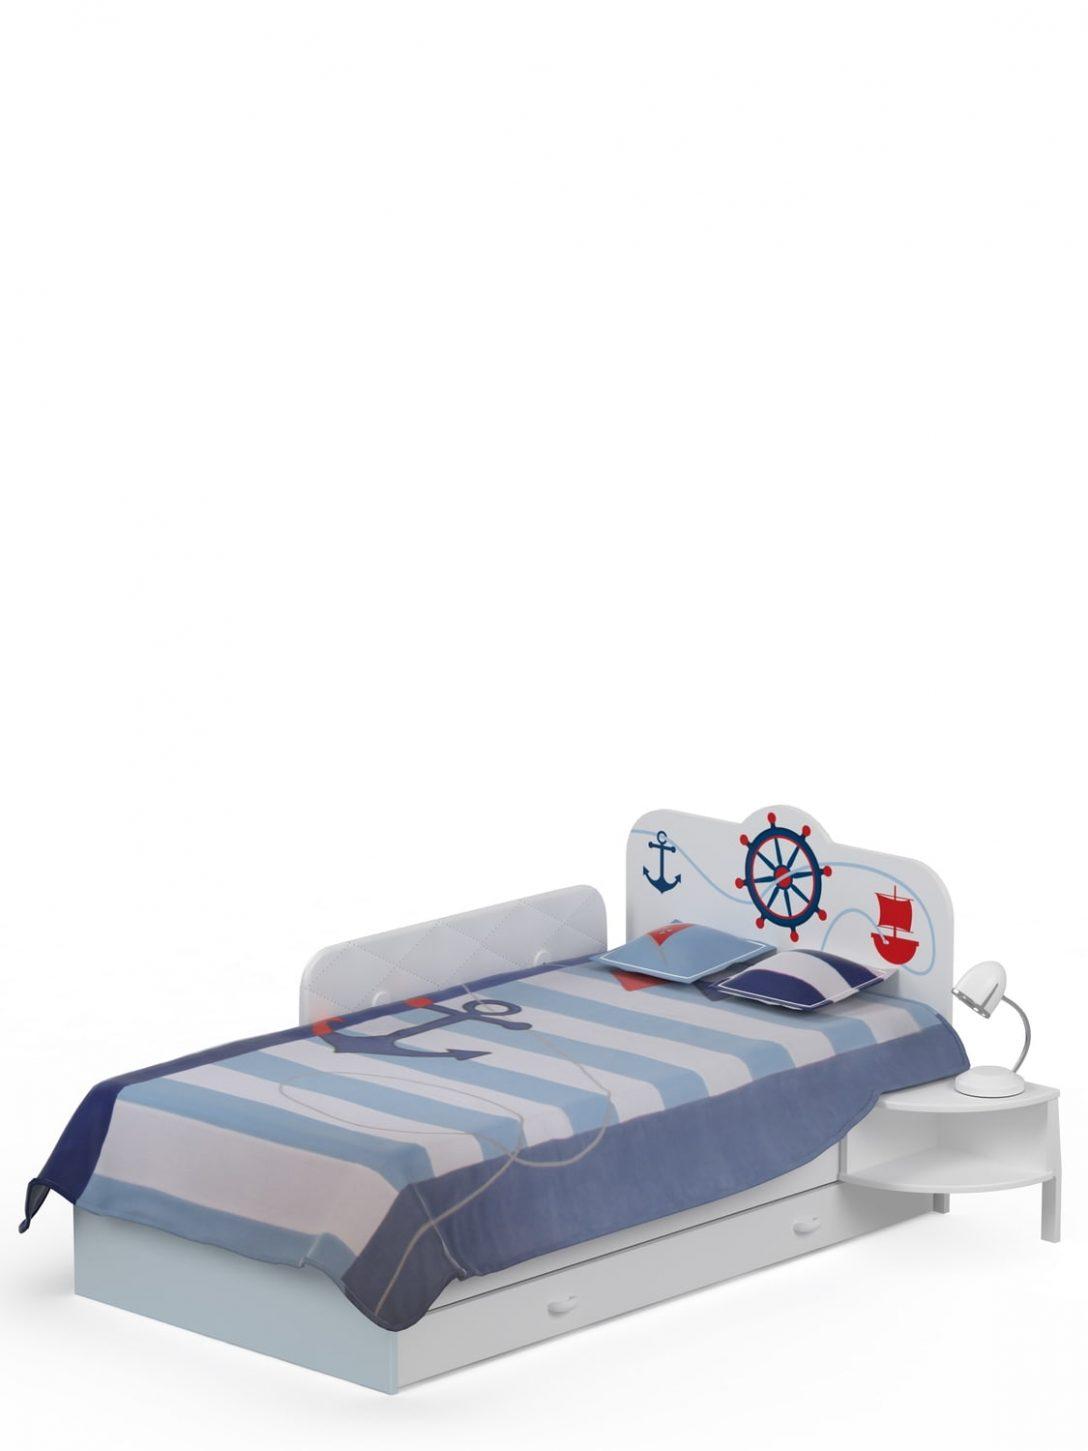 Full Size of Bett Selber Zusammenstellen Selbst Zum Ikea Machen Kopfteil Boxspring Massivholz Schweiz Hasena Ausziehbar Betten Mit Aufbewahrung 180x200 Hülsta Paradies Bett Bett Selber Zusammenstellen